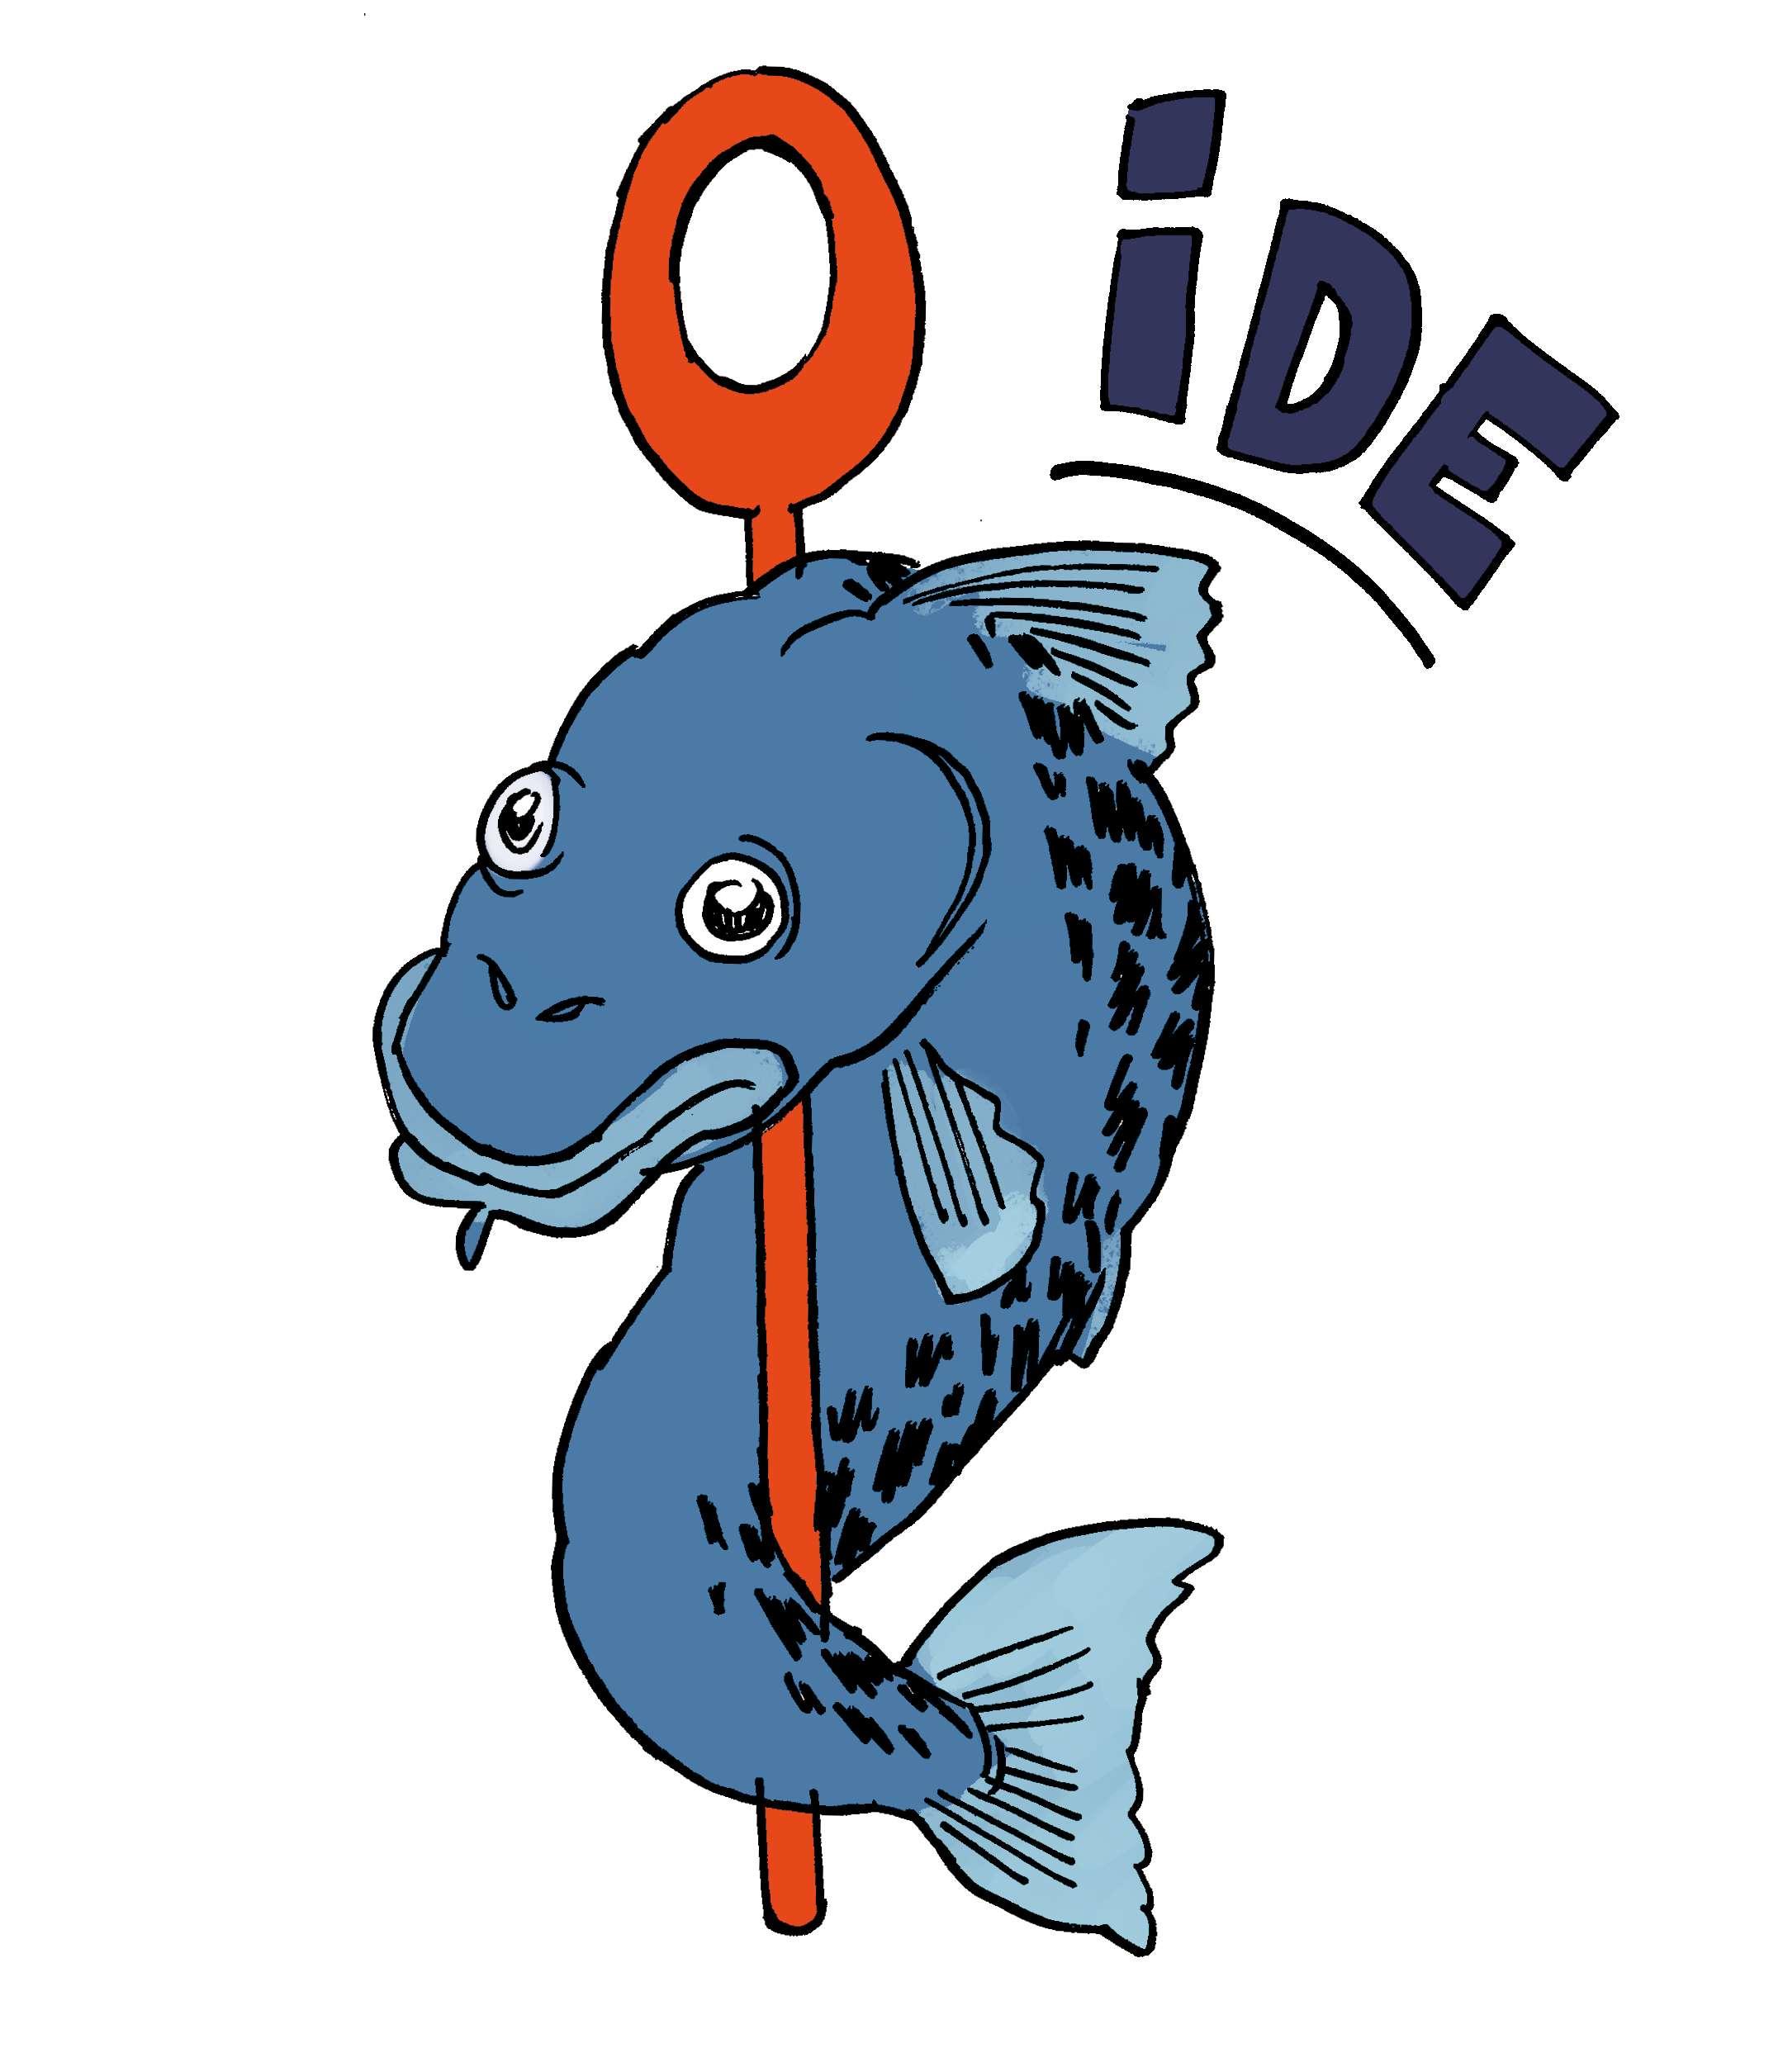 RESILIENCE vous souhaite un joyeux poisson d'avril et vous offre - gratuitement - un caducée infirmier ! EXKKXH